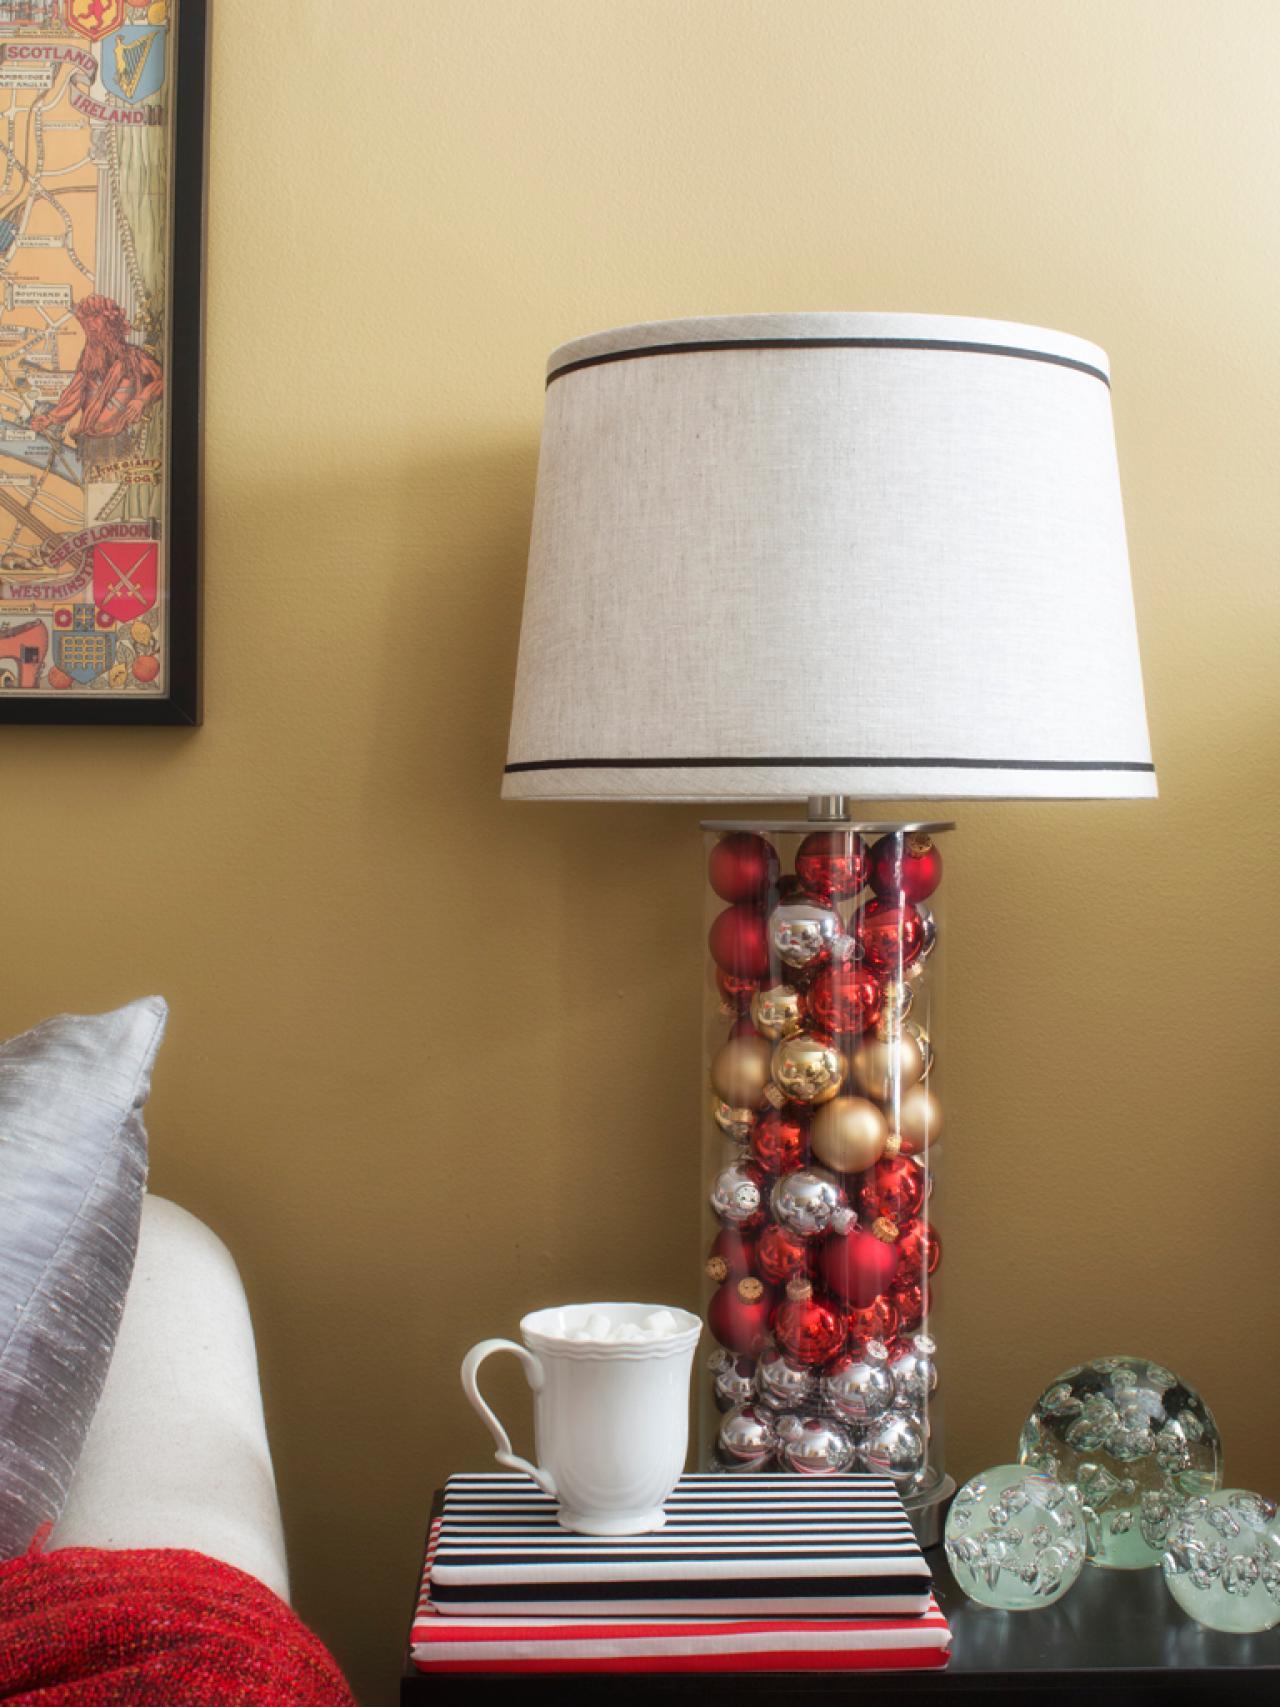 Lampy jsou taky vánoční